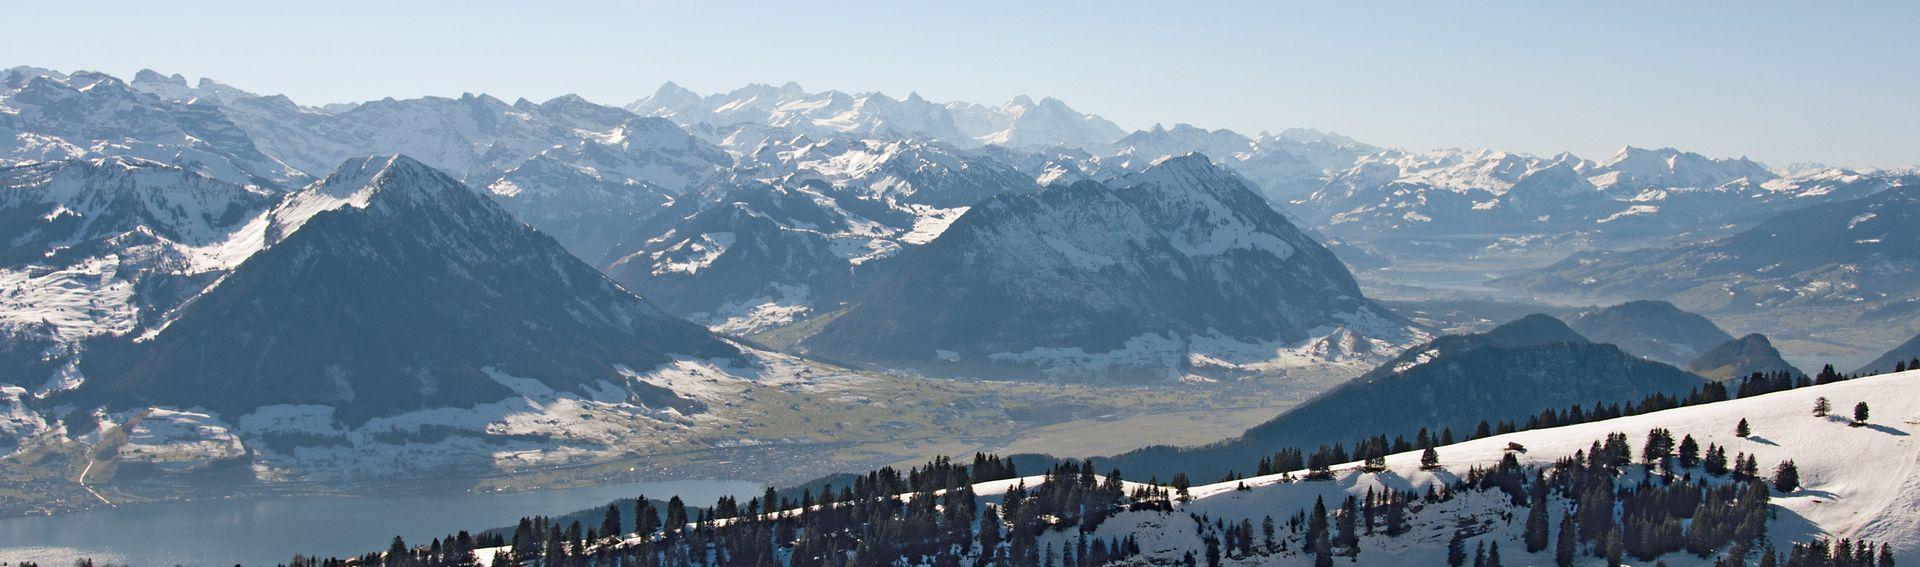 Suisse centrale